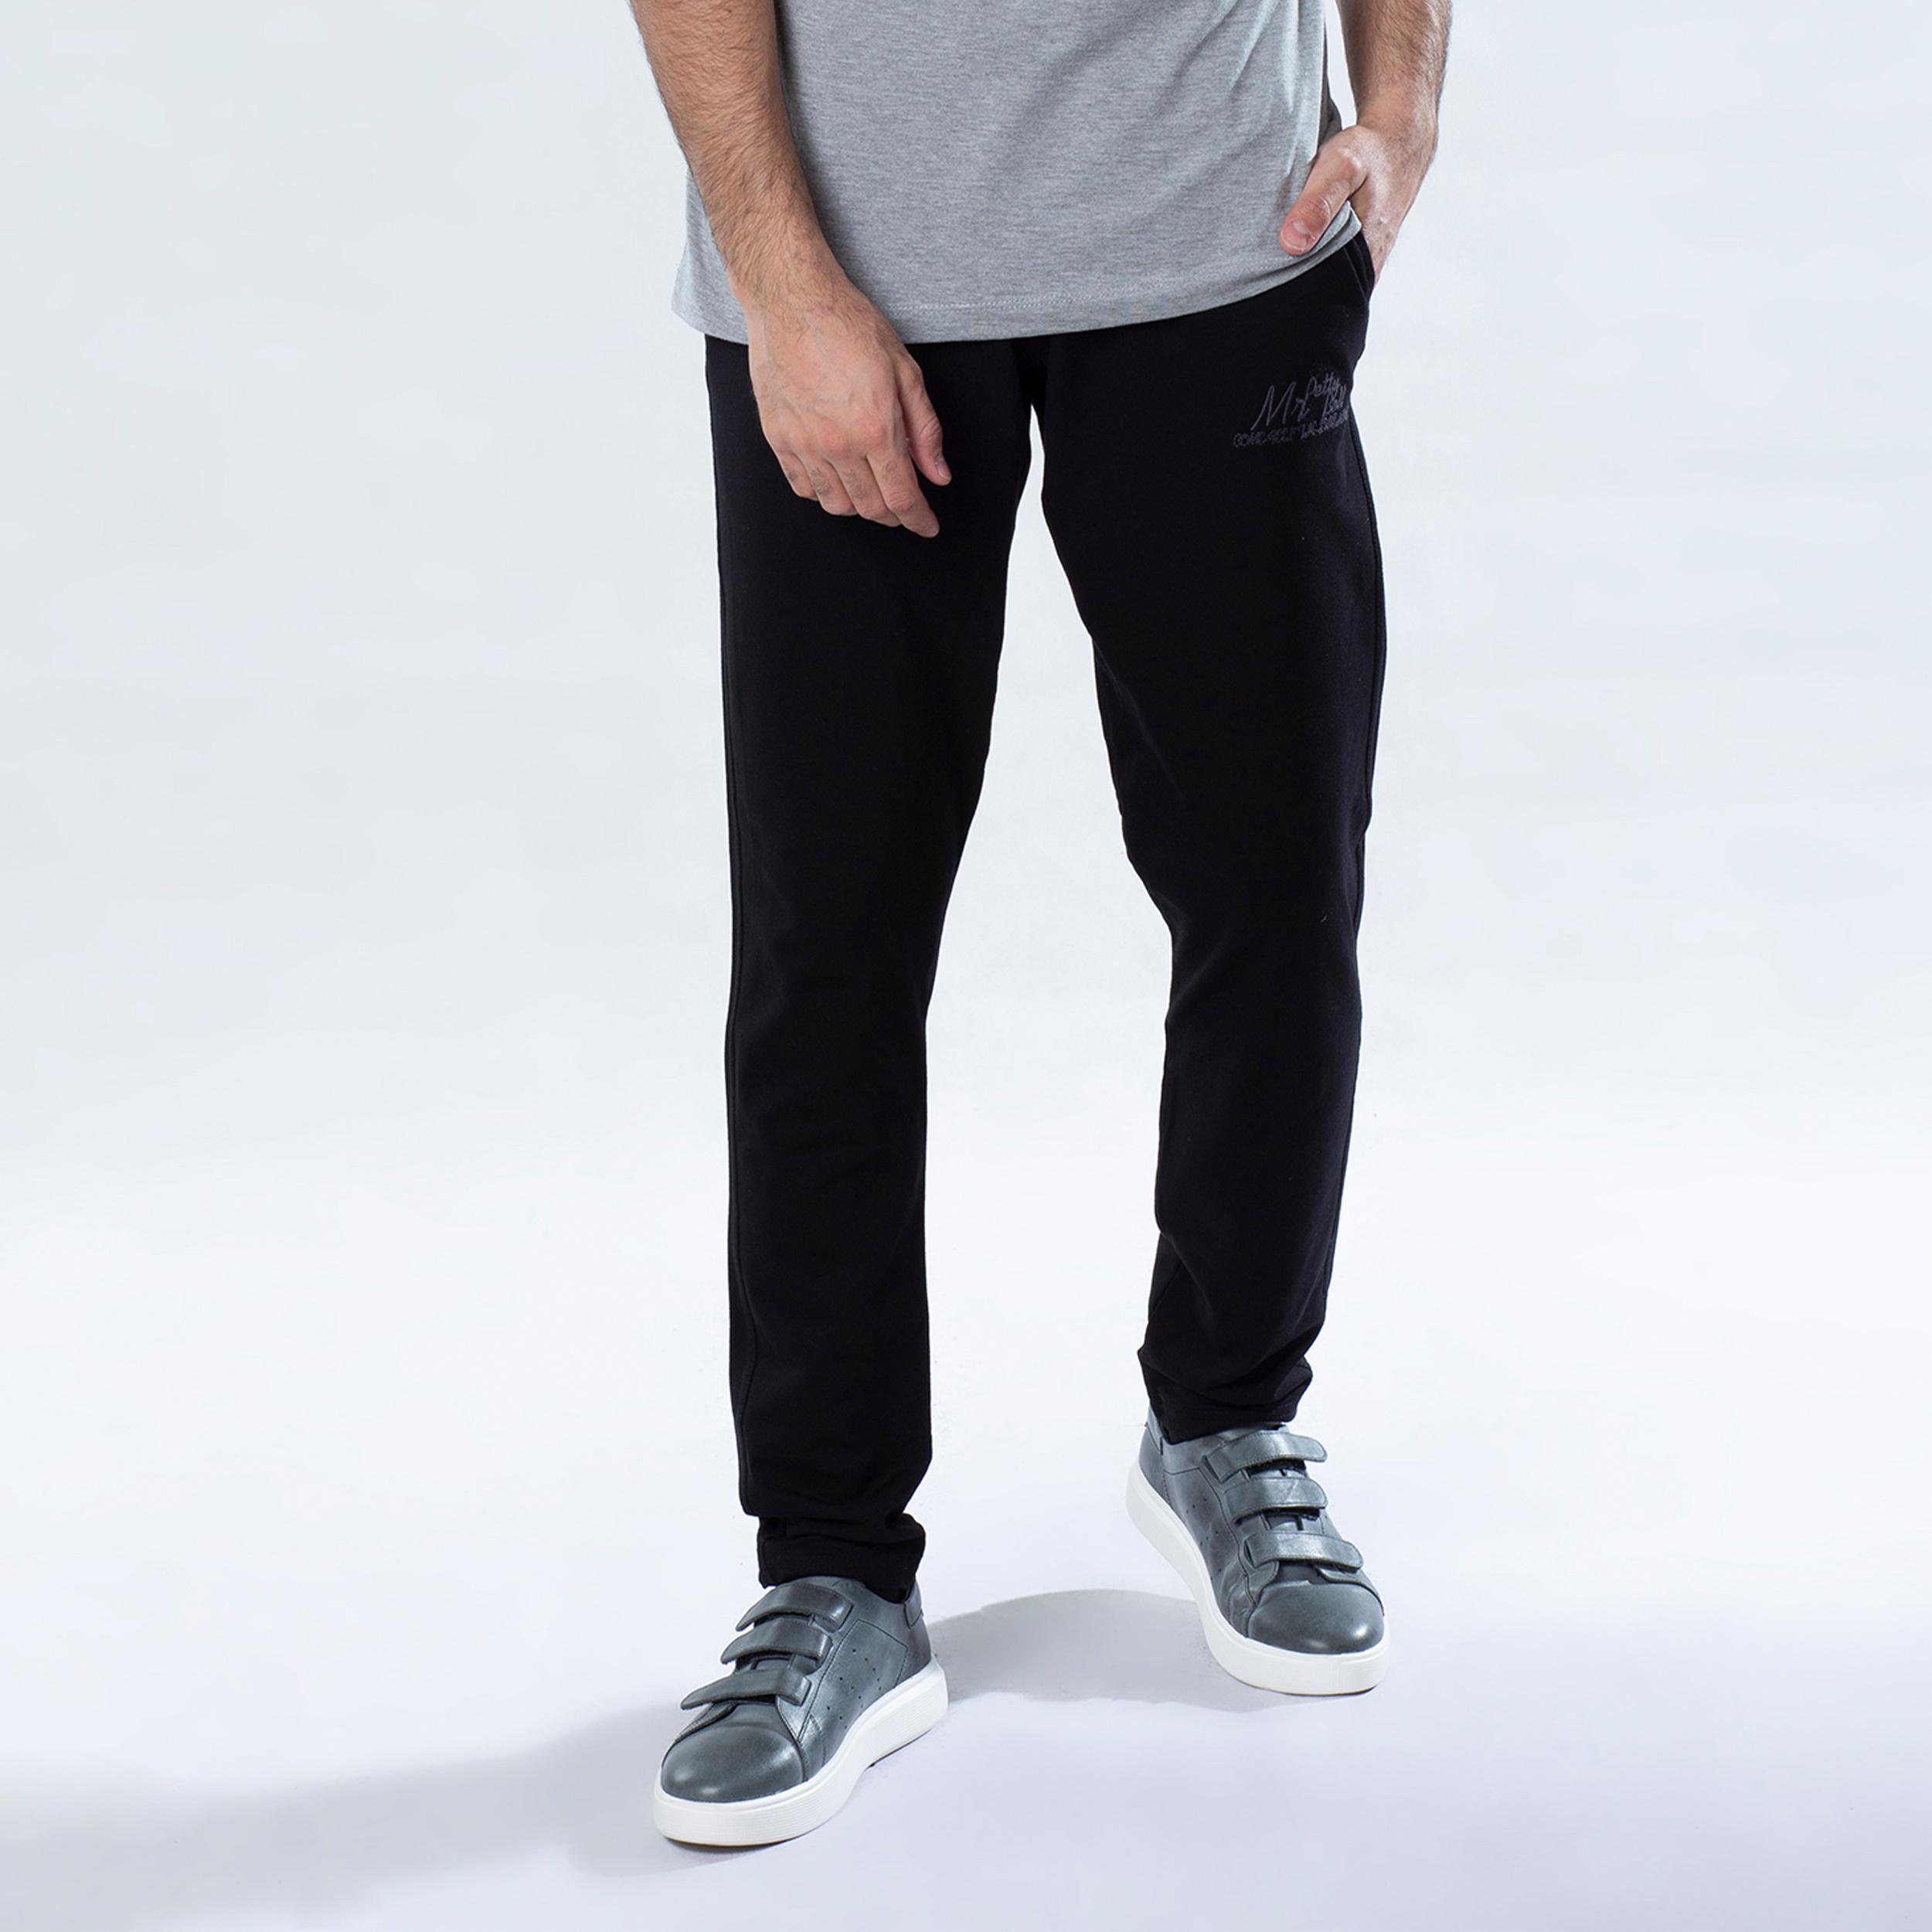 شلوار مردانه زانتوس مدل 99363-99 -  - 1